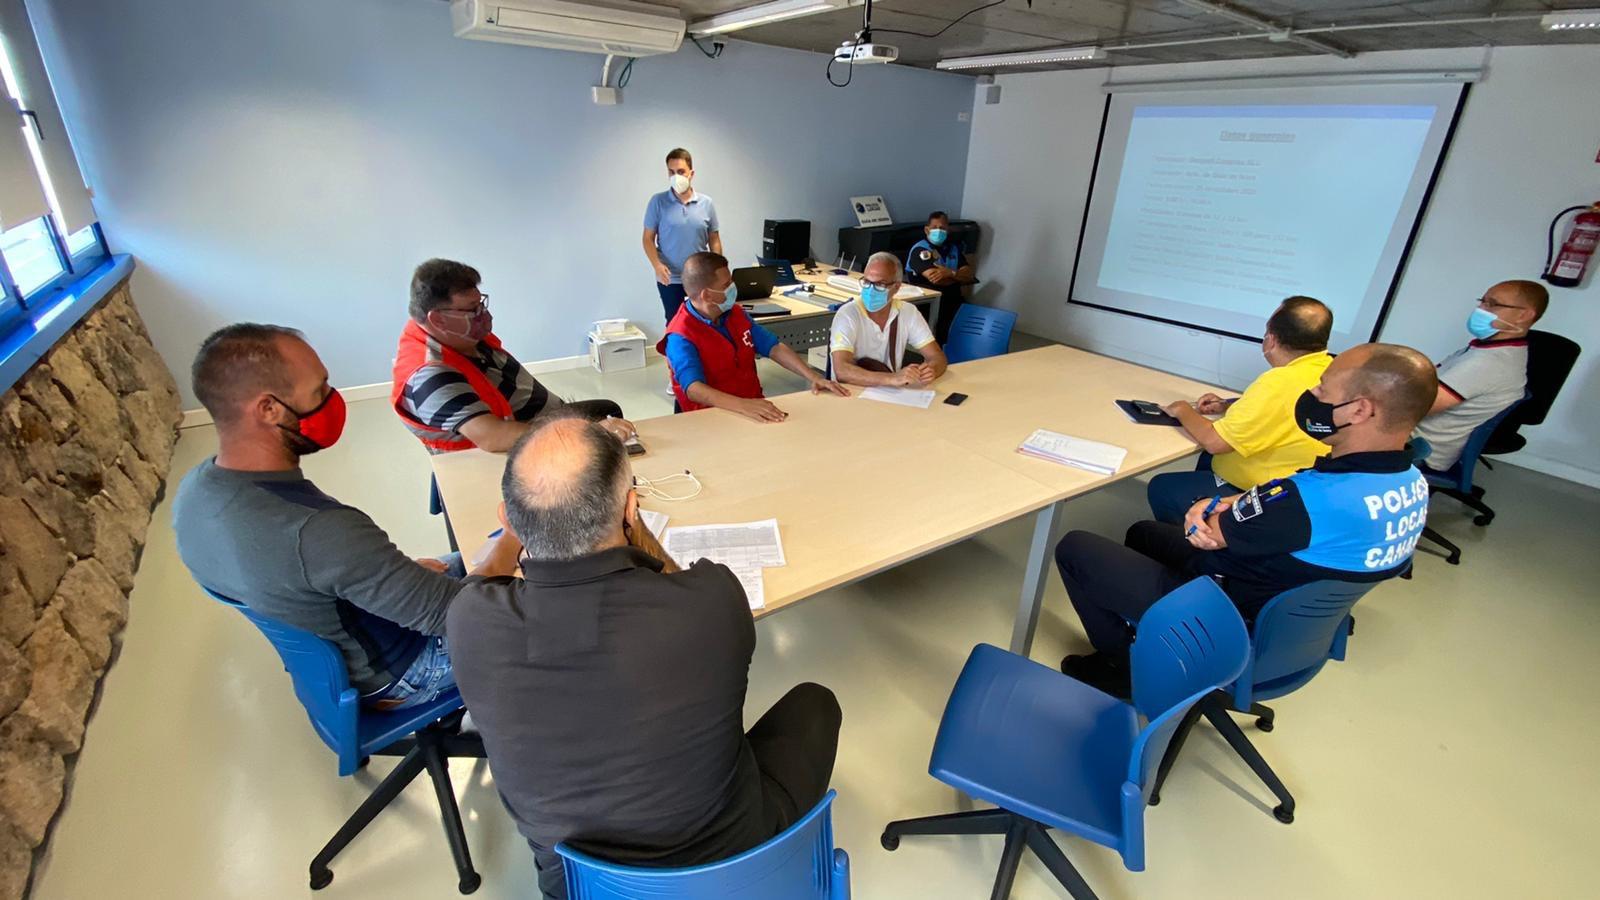 La Concejalía de Deportes y la empresa organizadora Gesport Canarias se reúnen con el resto del equipo del Plan de Seguridad de la Carrera, en el que participan Policía Local, Bomberos, AEA y Cruz Roja. La ceremonia de premios se celebrará con posterioridad.